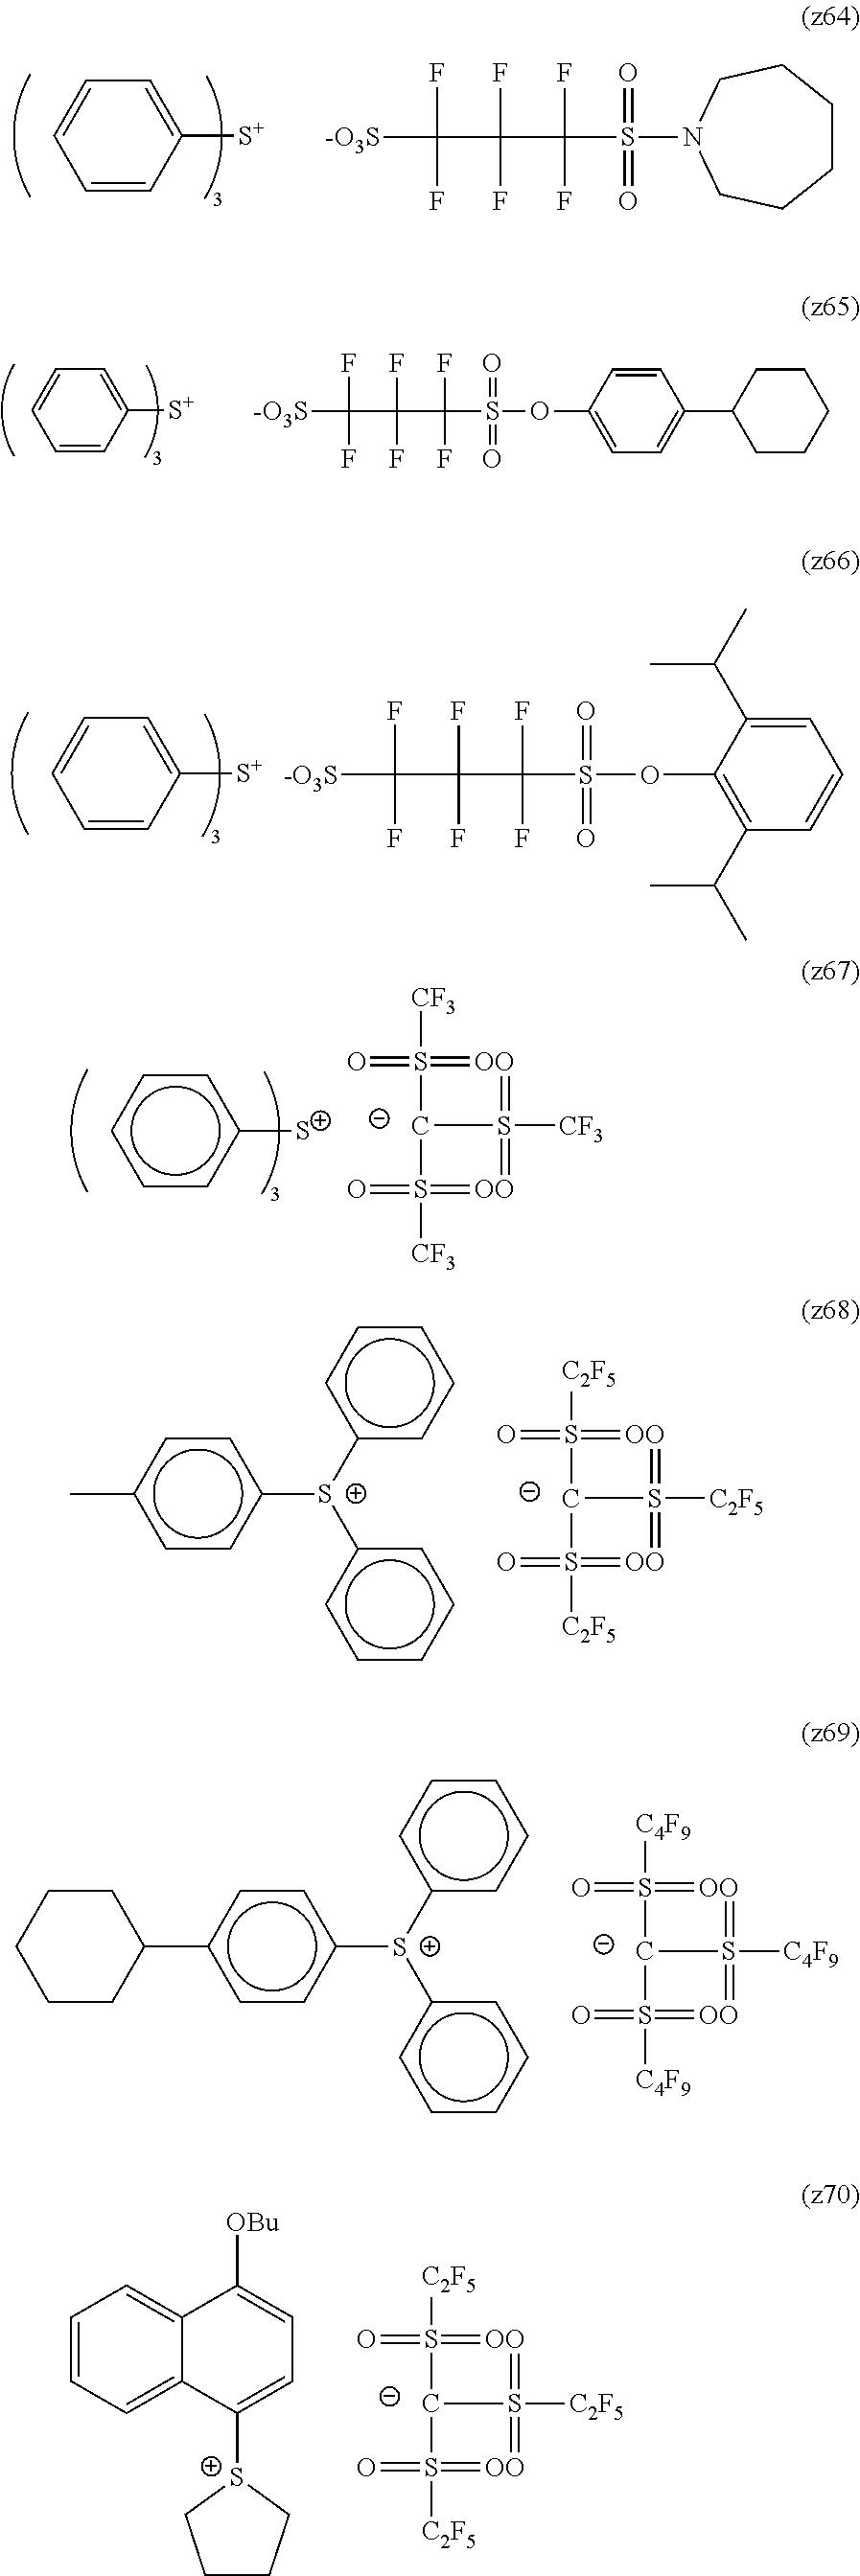 Figure US08476001-20130702-C00059